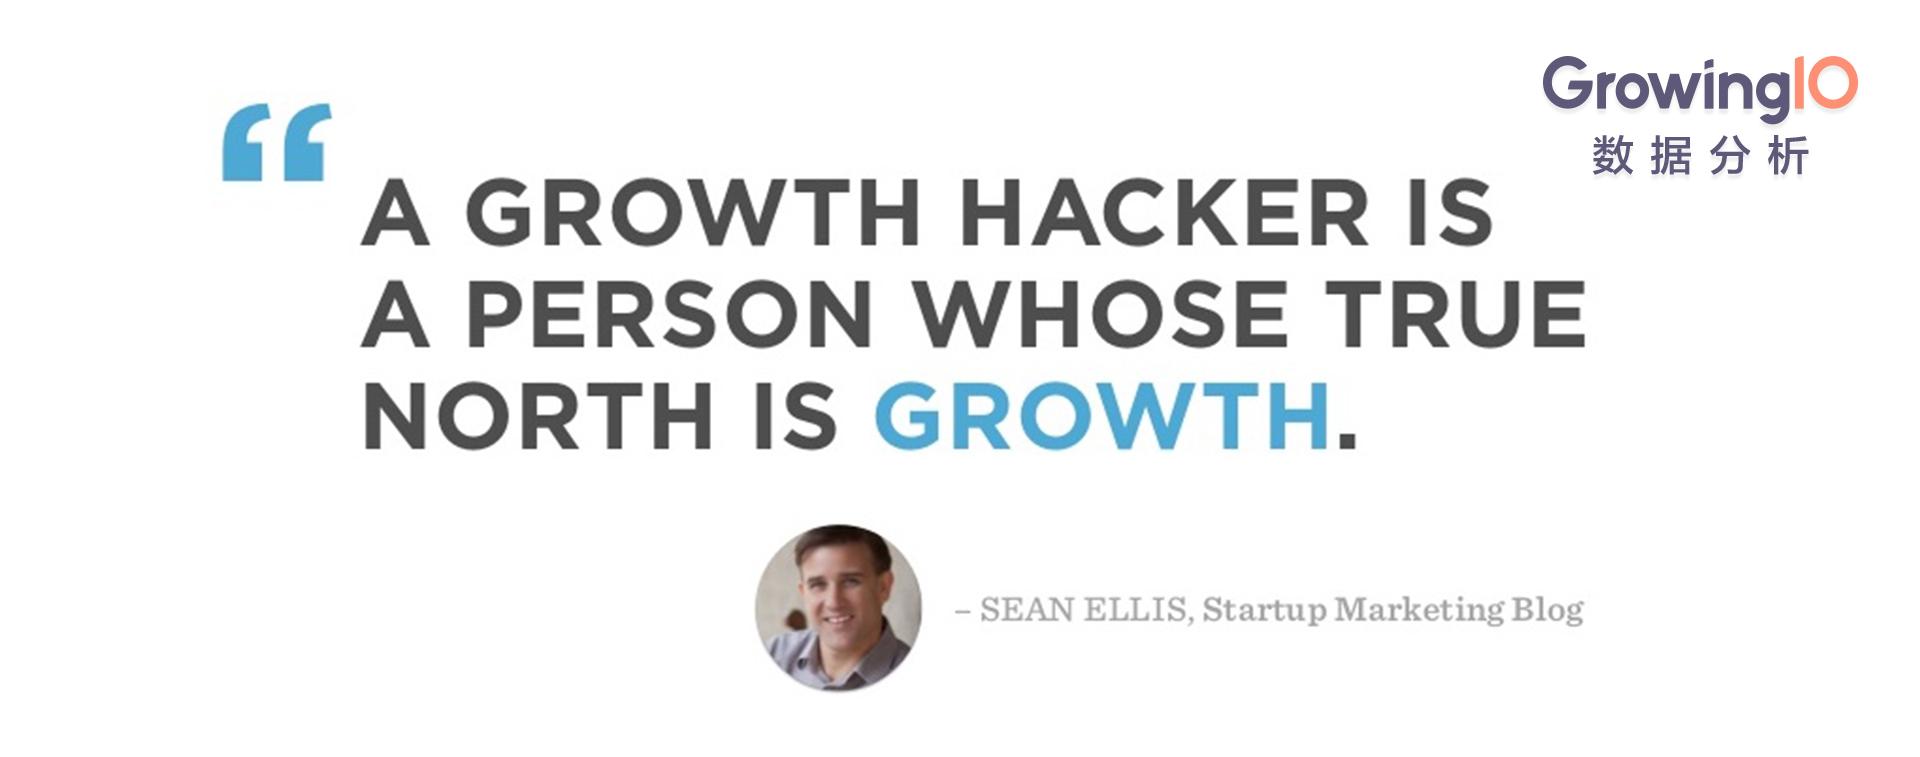 流量红利见顶之下,Sean Ellis的「增长黑客」理论能给我们哪些启示